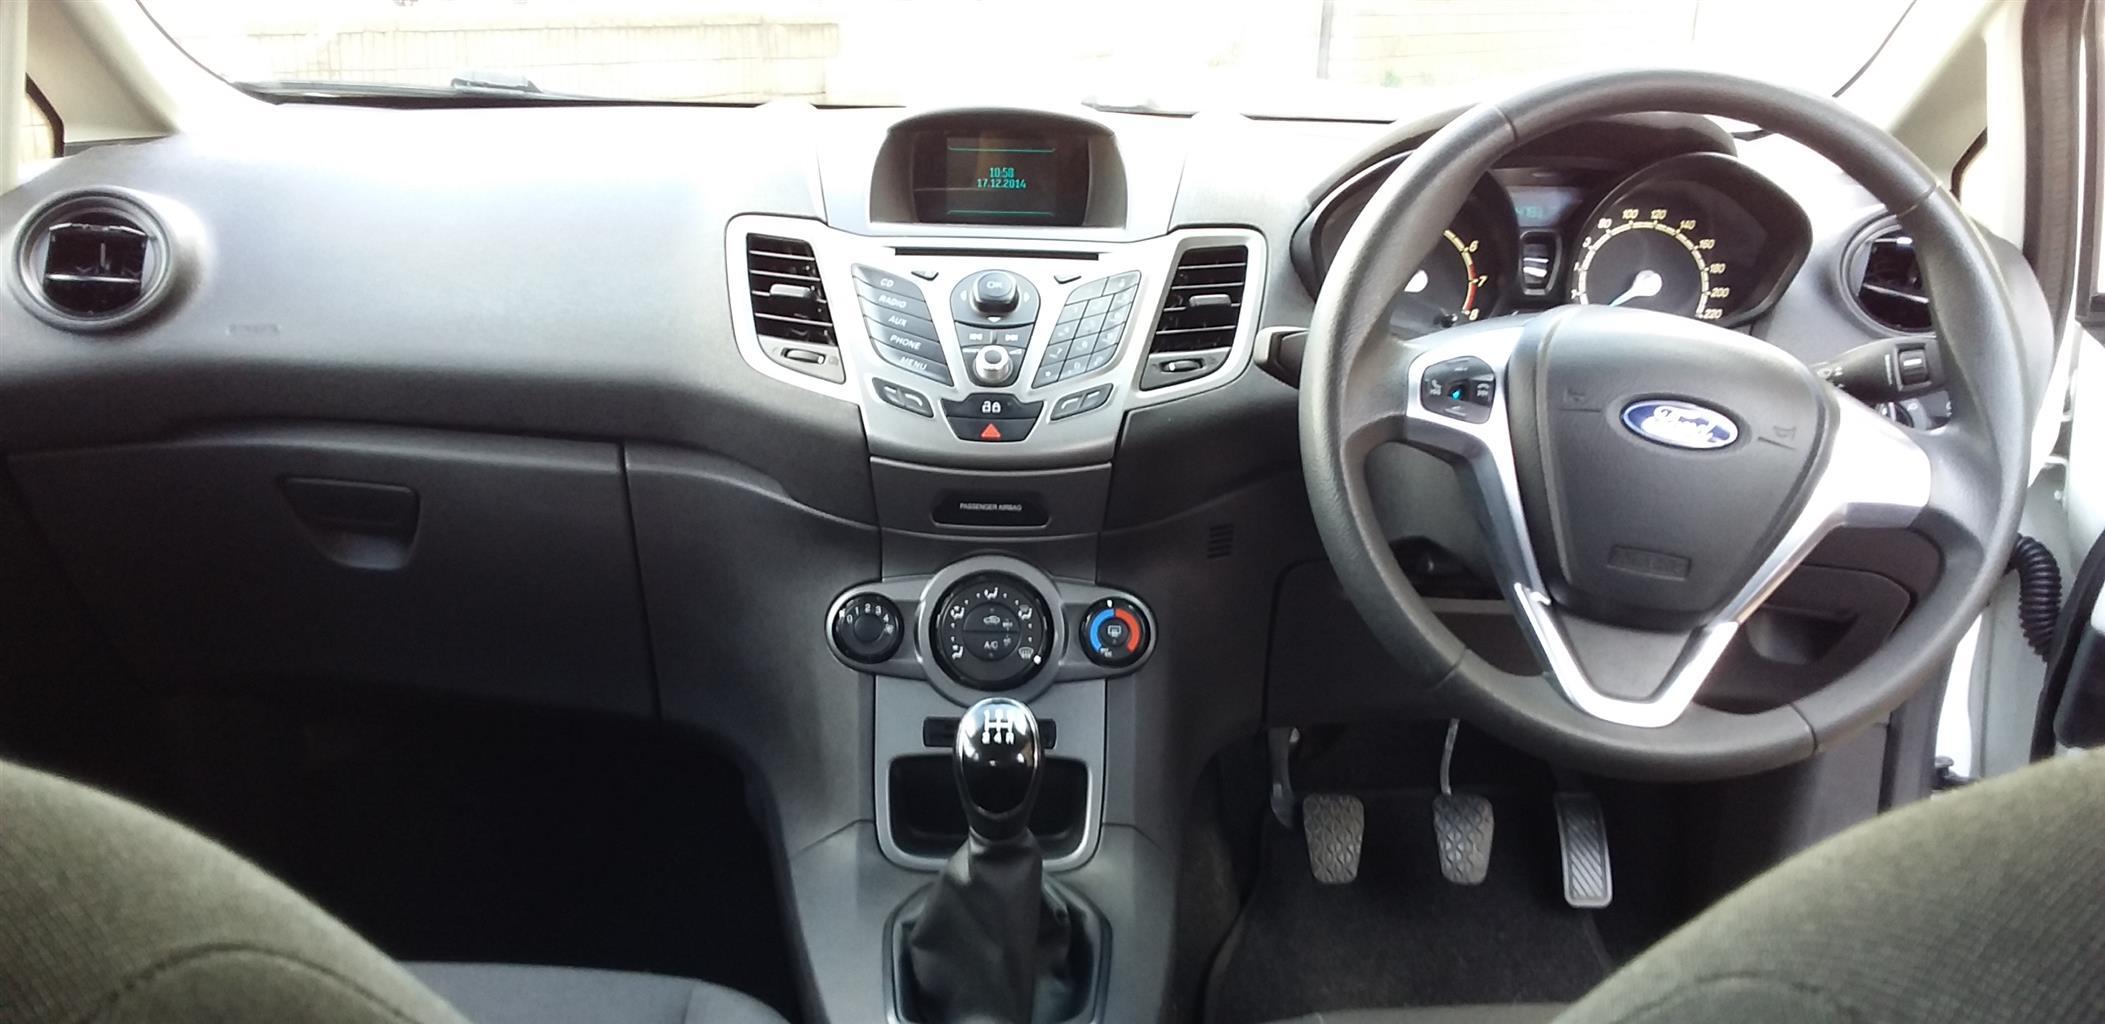 2015 Ford Fiesta 1.4 5 door Trend